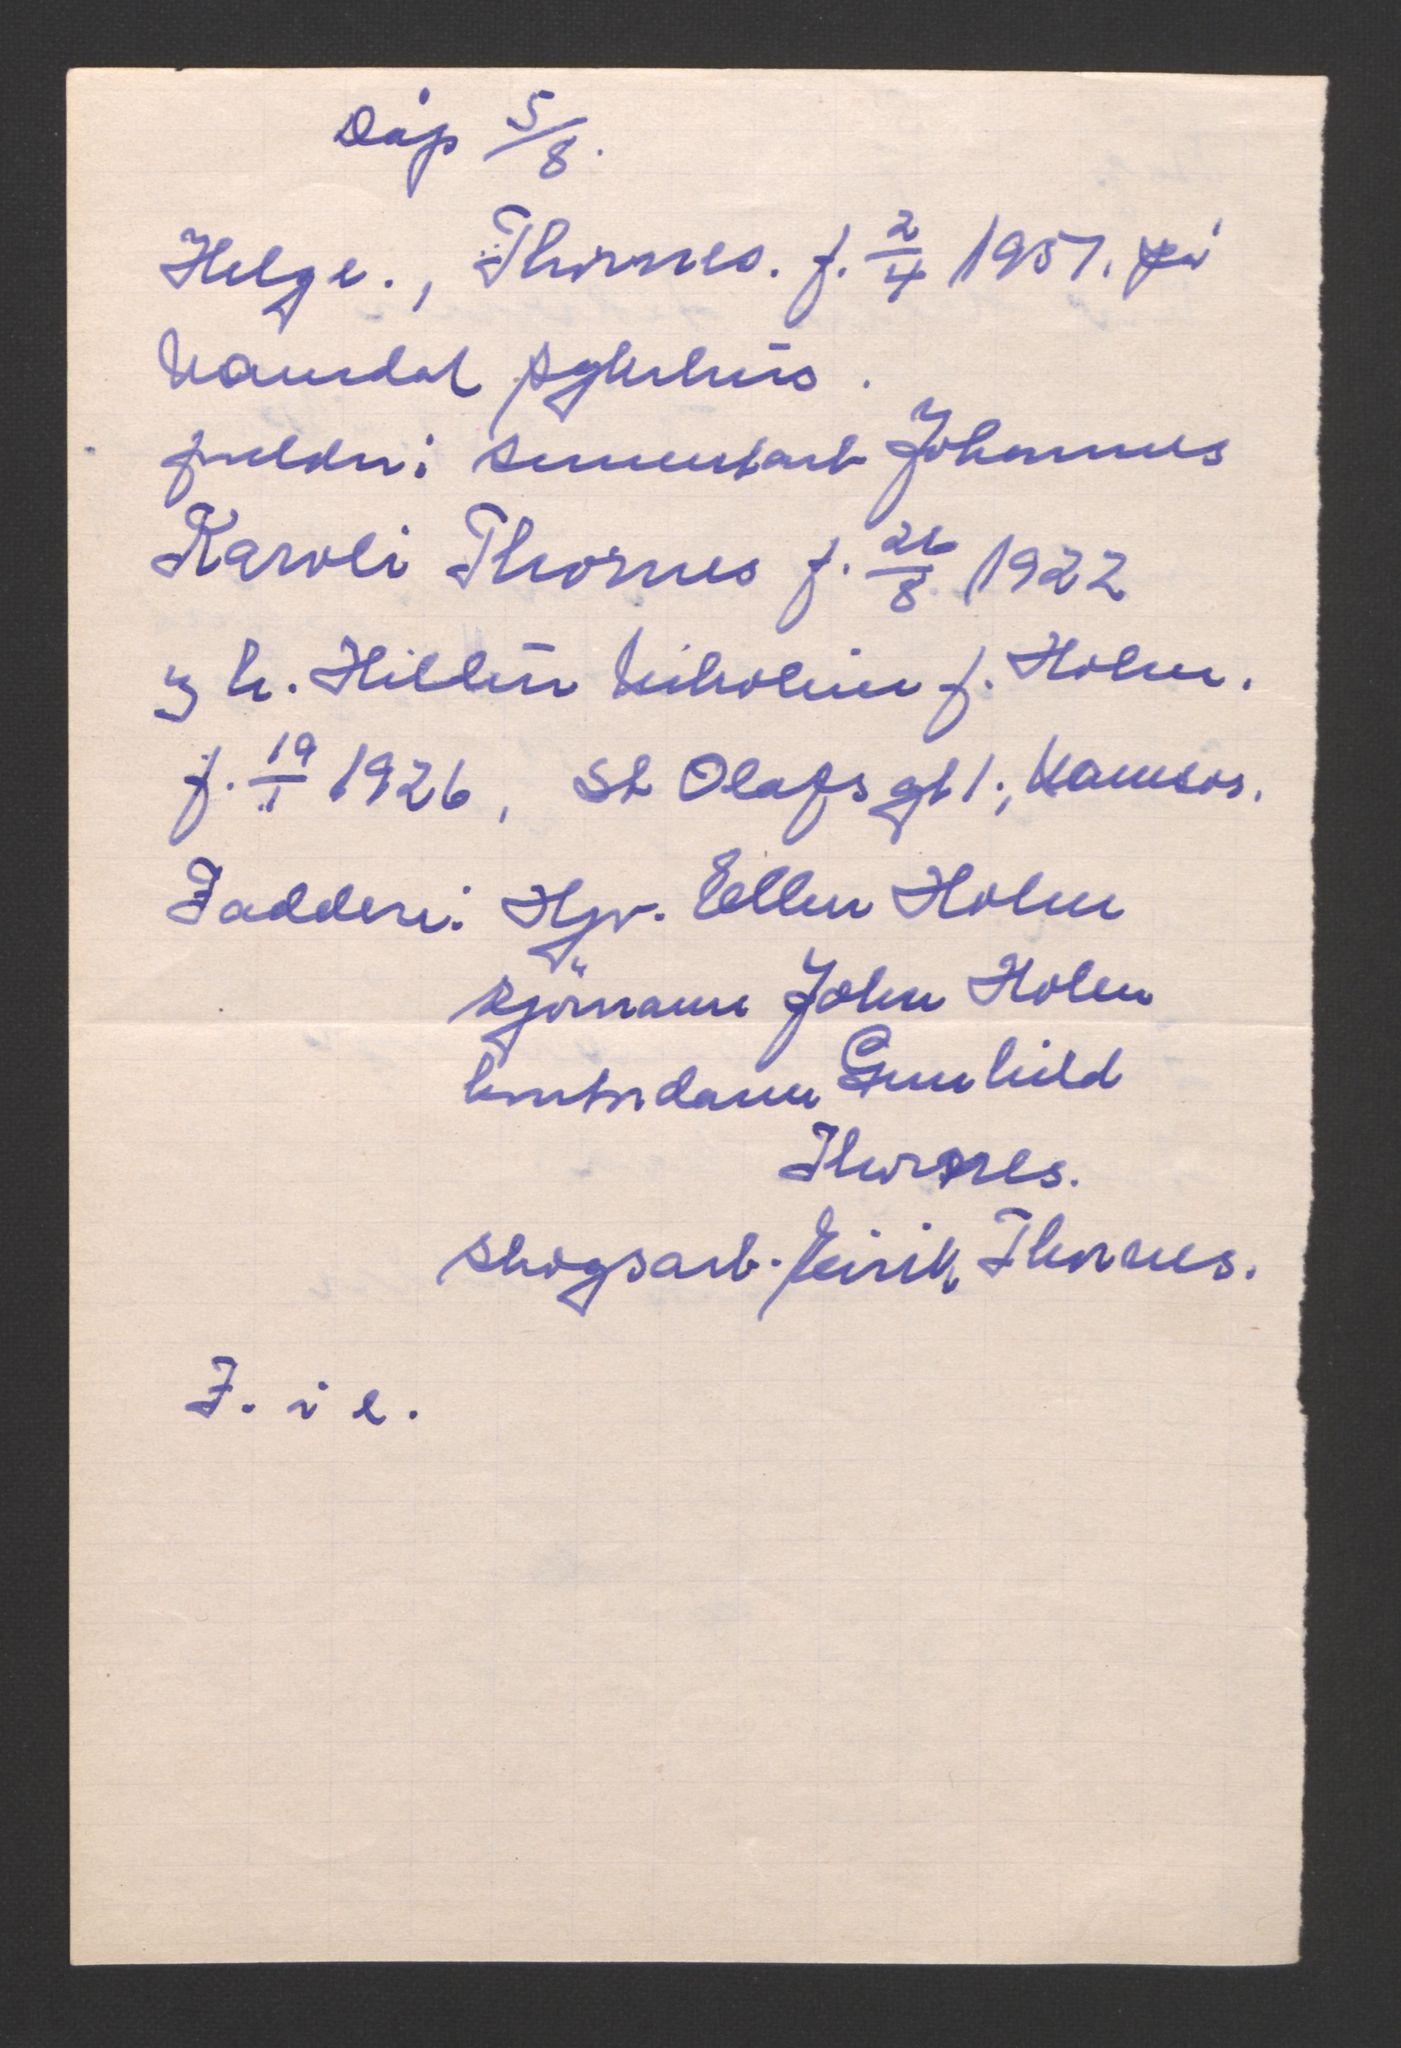 SAT, Ministerialprotokoller, klokkerbøker og fødselsregistre - Nord-Trøndelag, 768/L0583: Klokkerbok nr. 768C01, 1928-1953